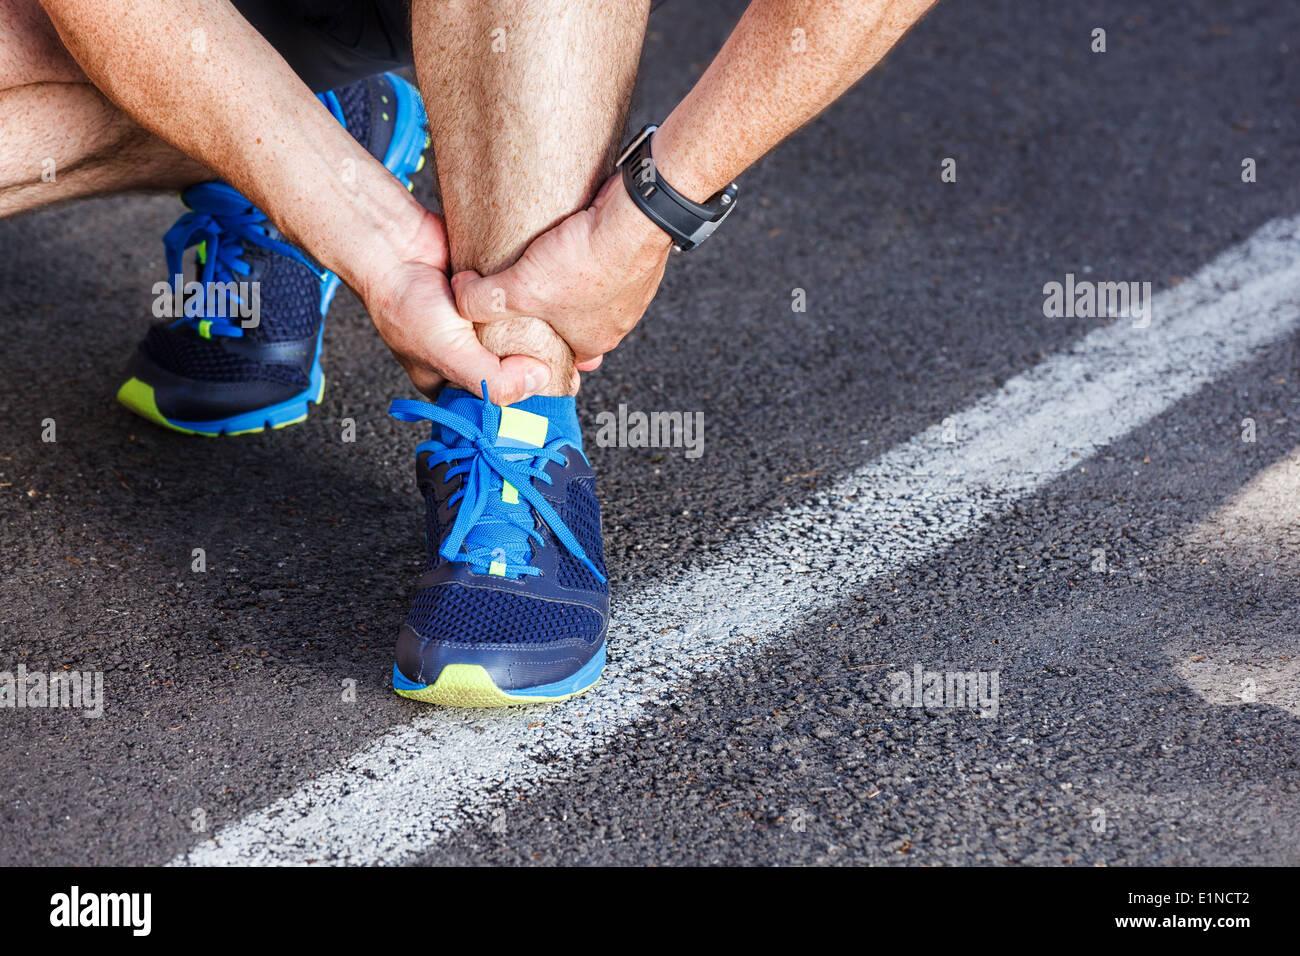 Rotture di caviglia torta - esecuzione di sport del pregiudizio. Immagini Stock